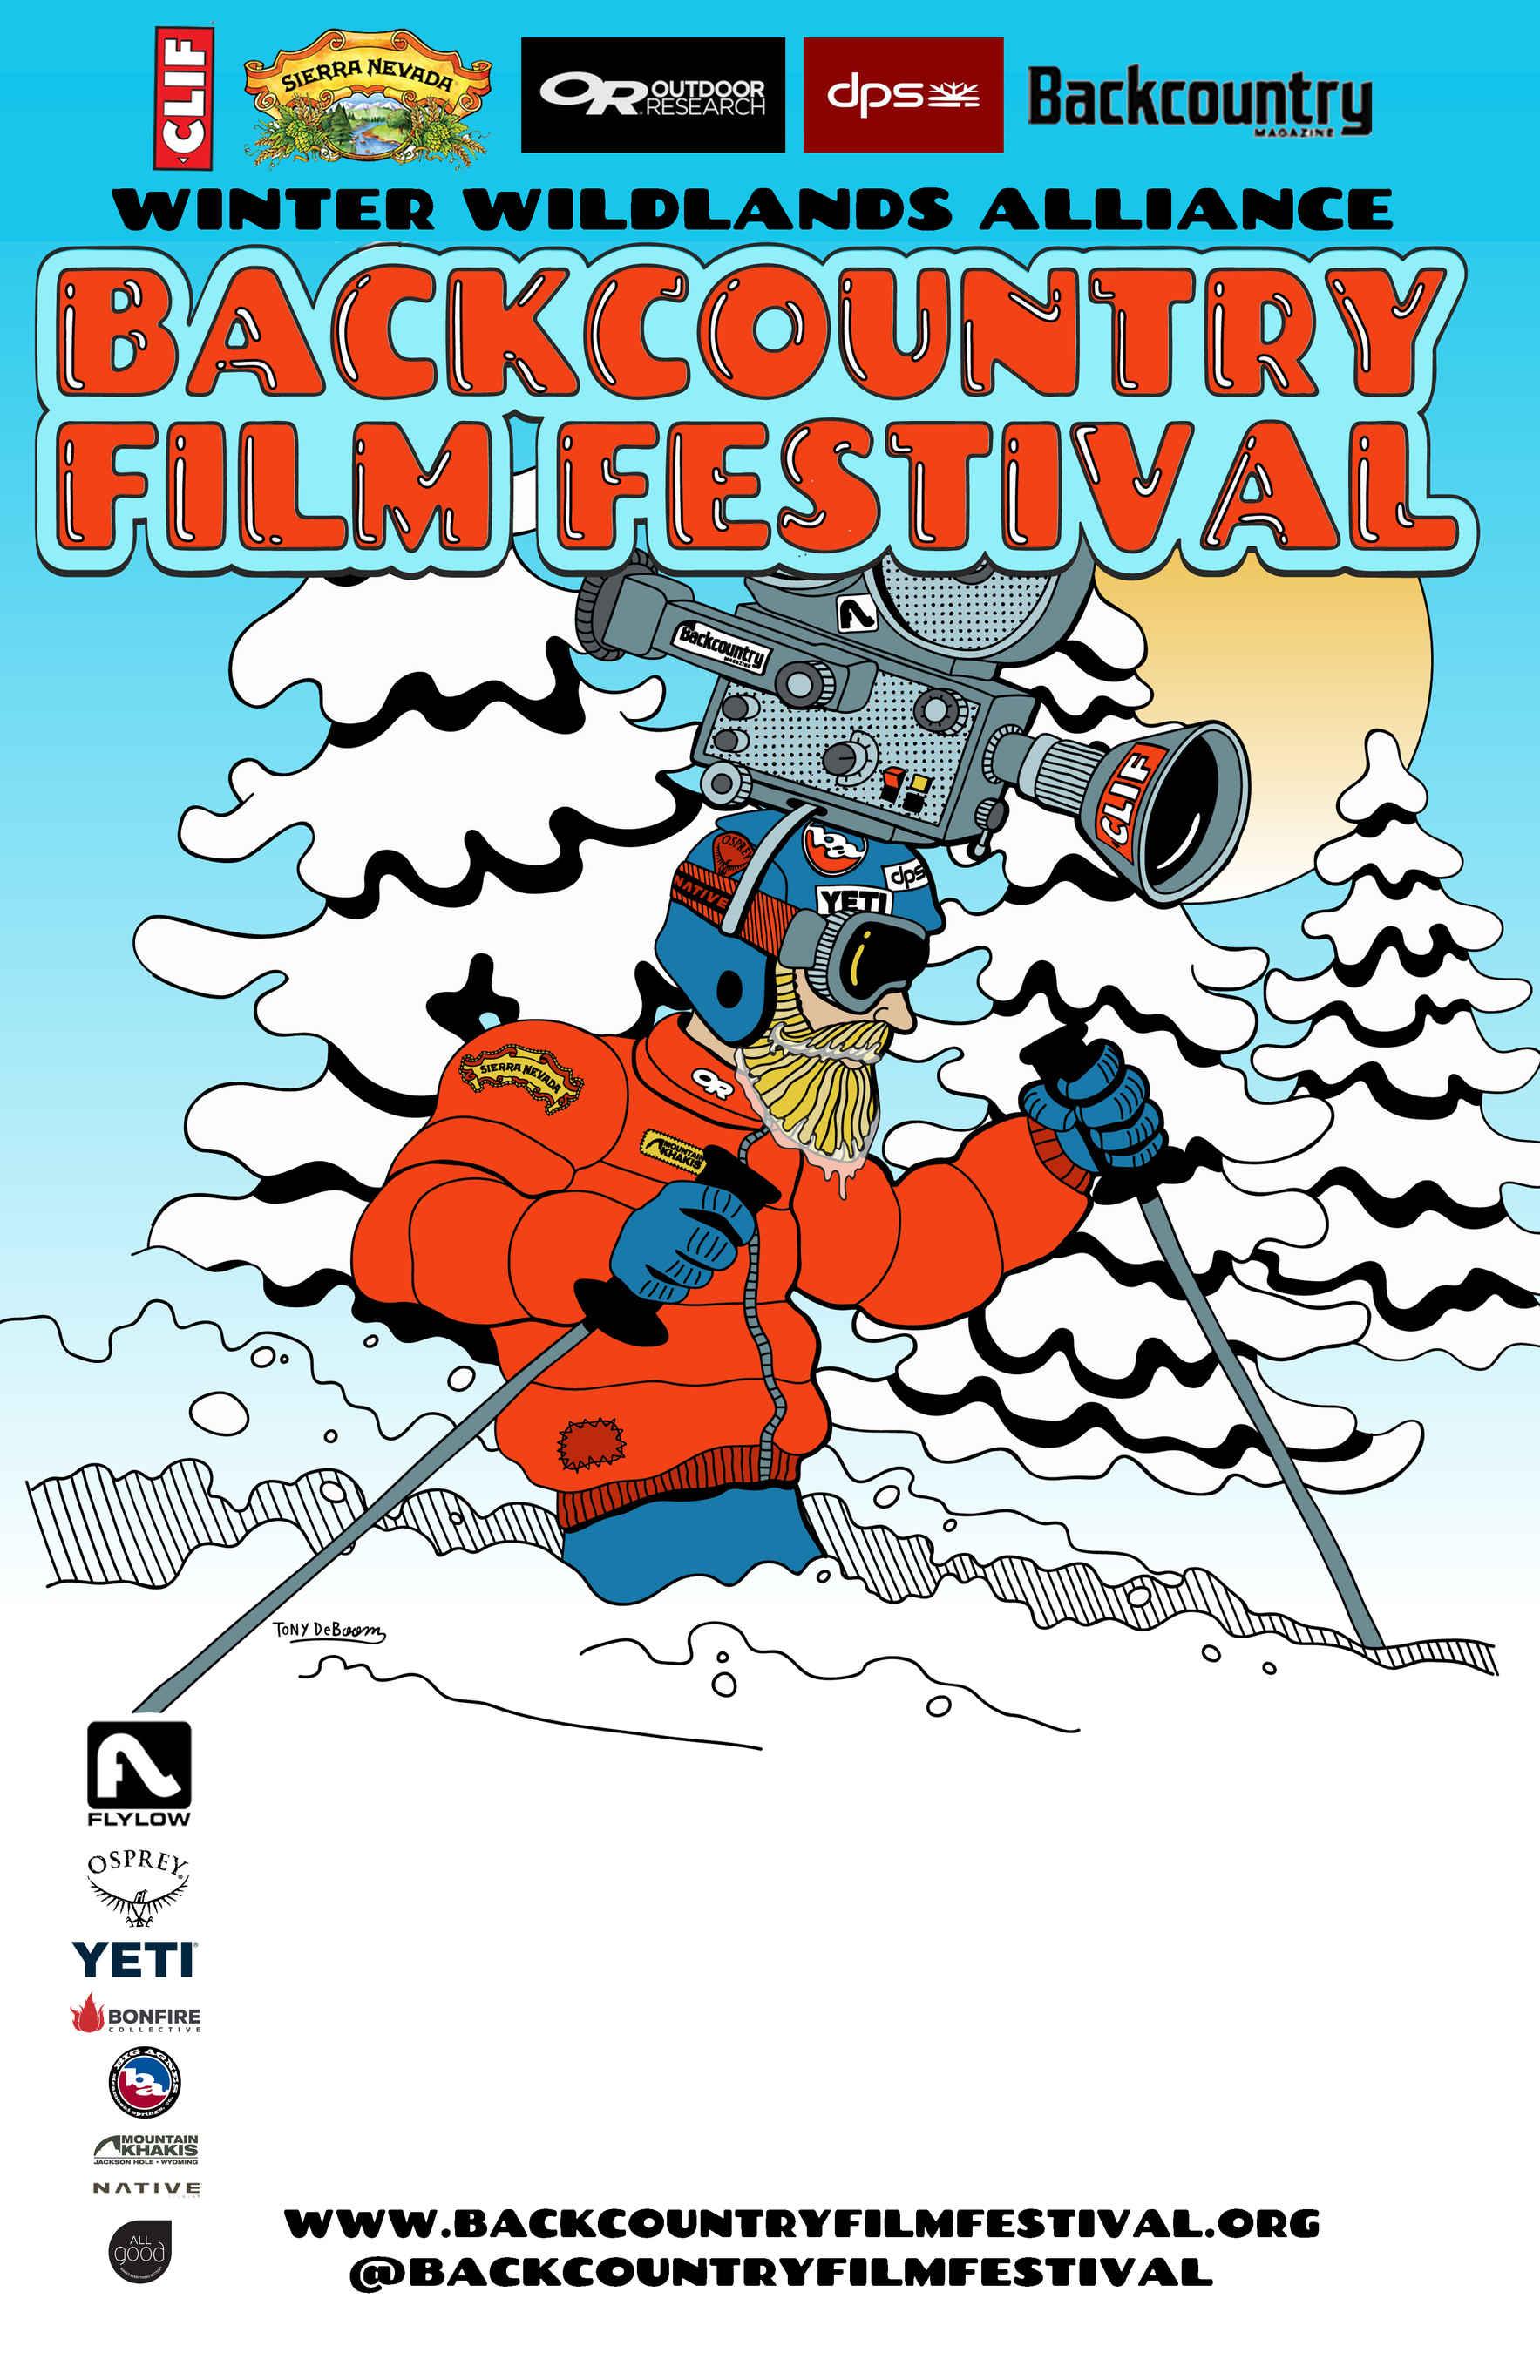 Backcountry Film Festival image